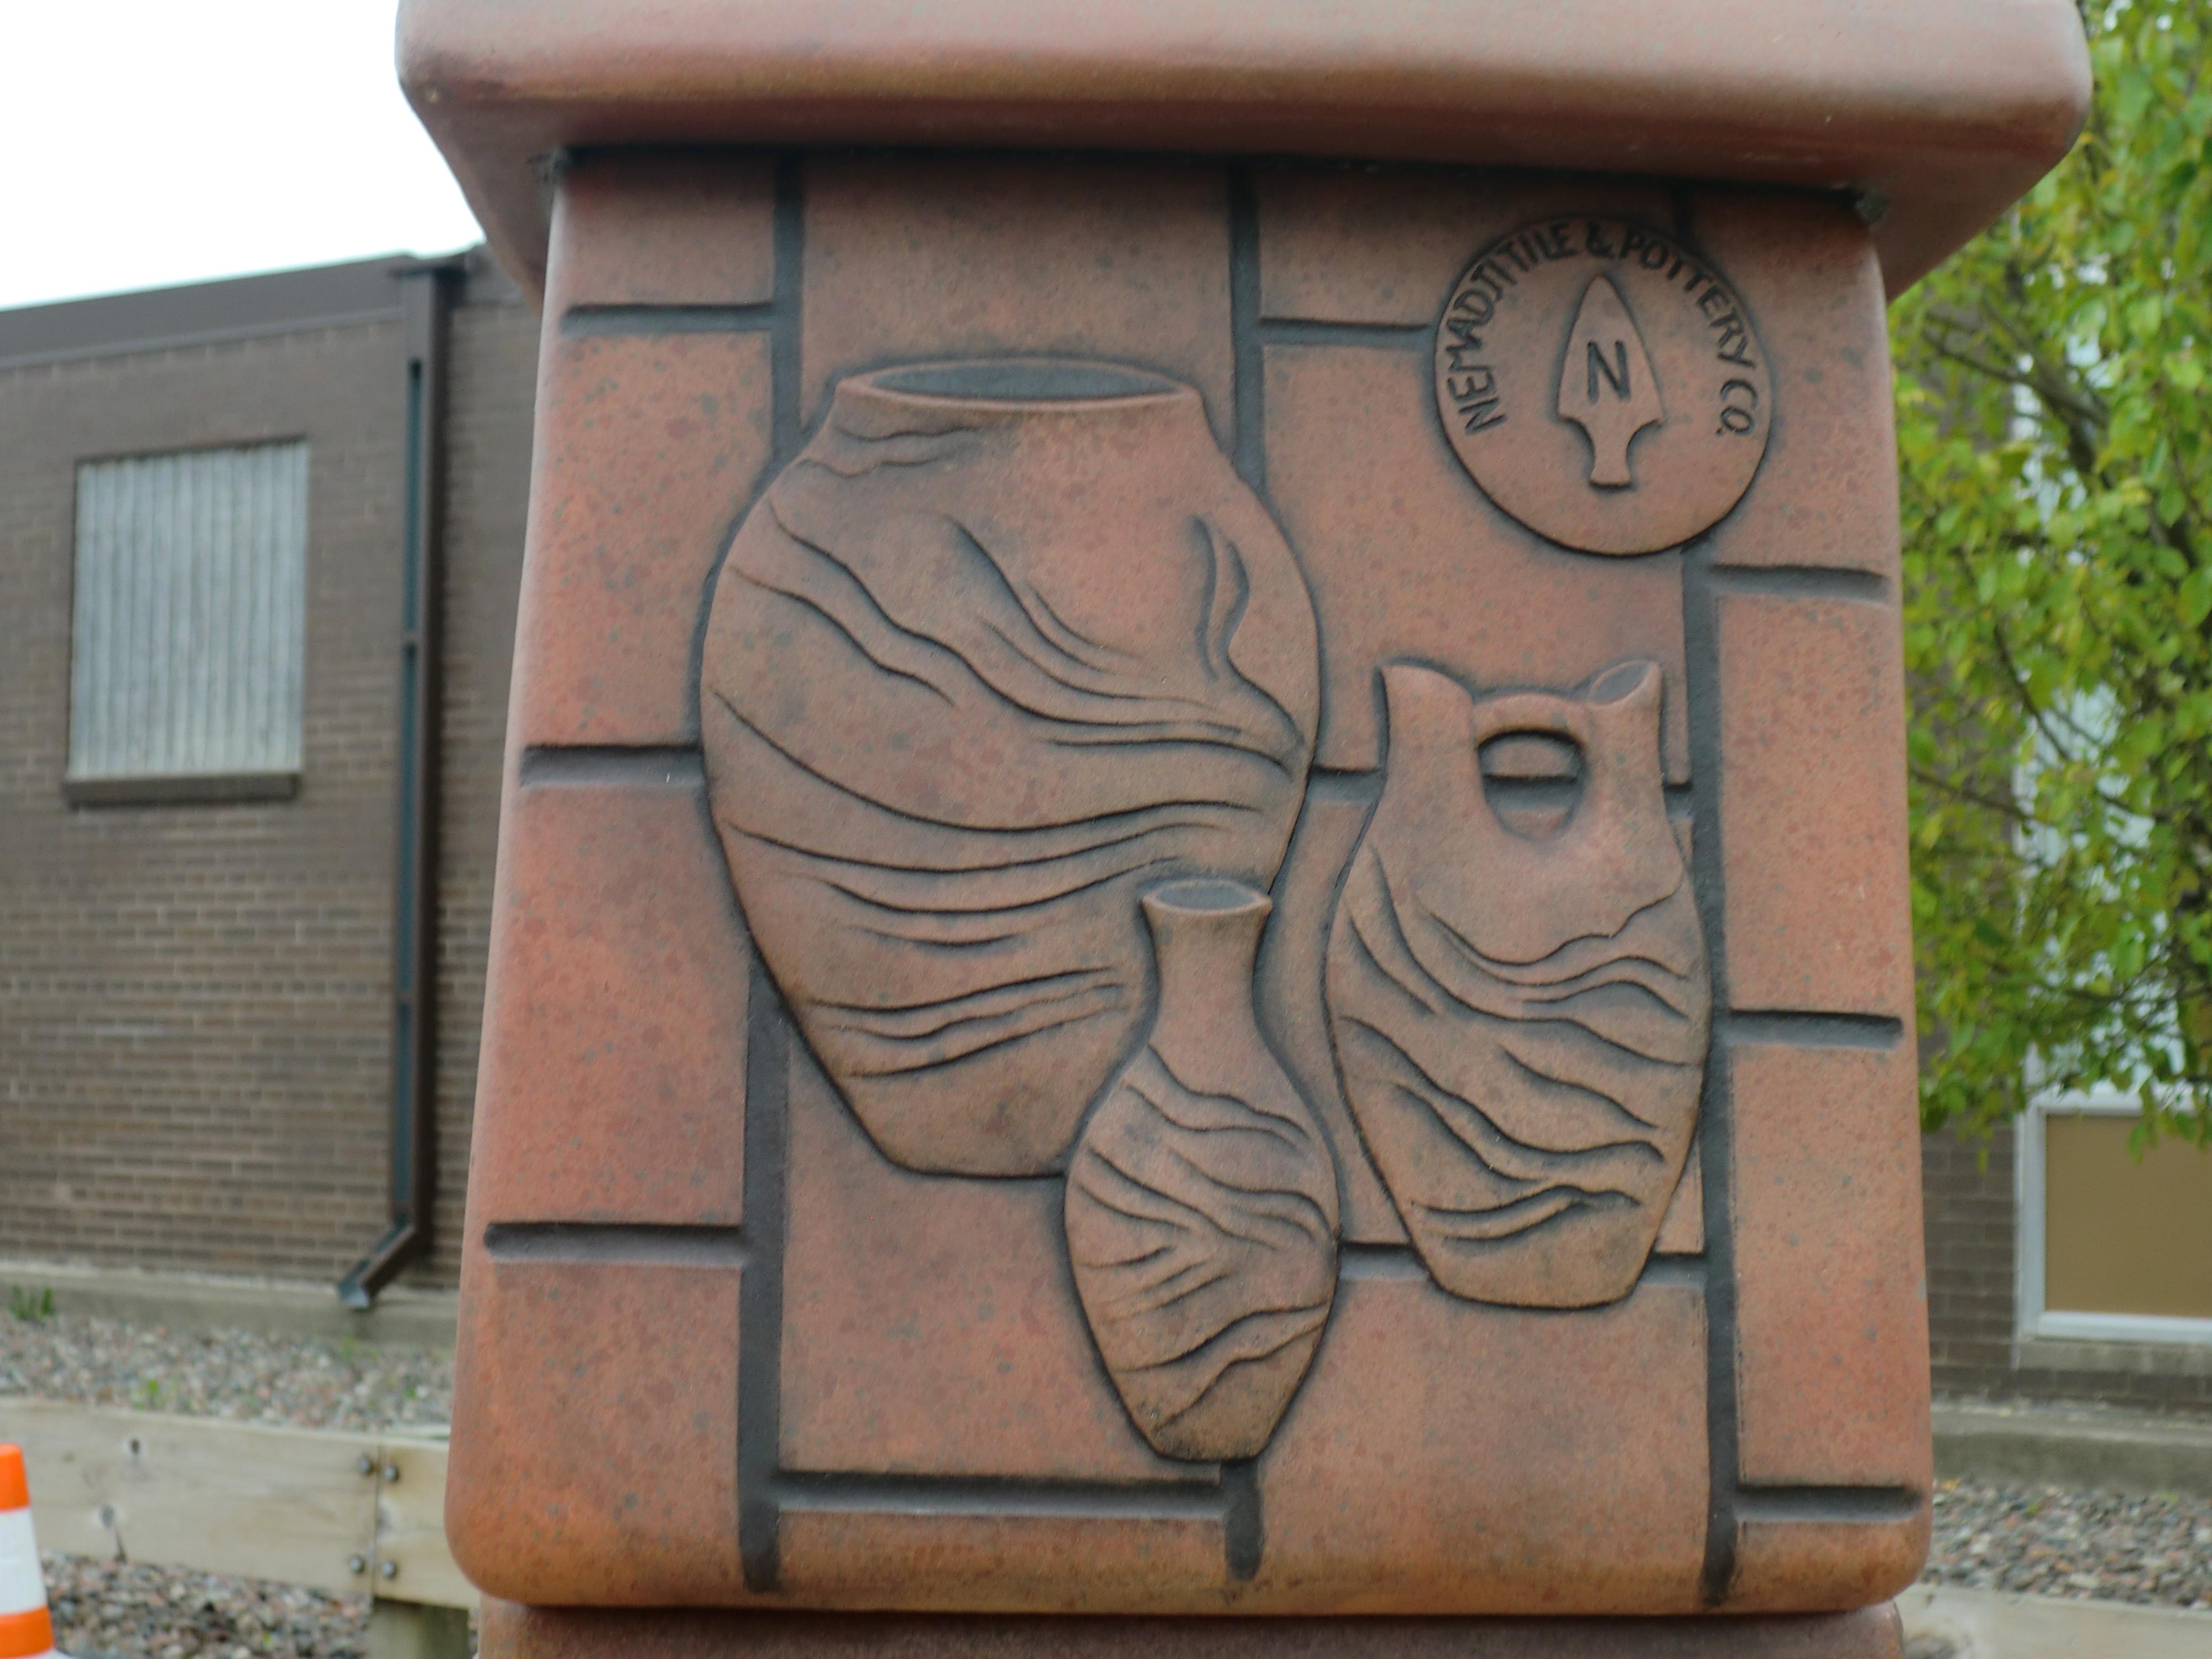 Nemadji Quot Indian Quot Pottery Minnesota Swirl Painted Pottery